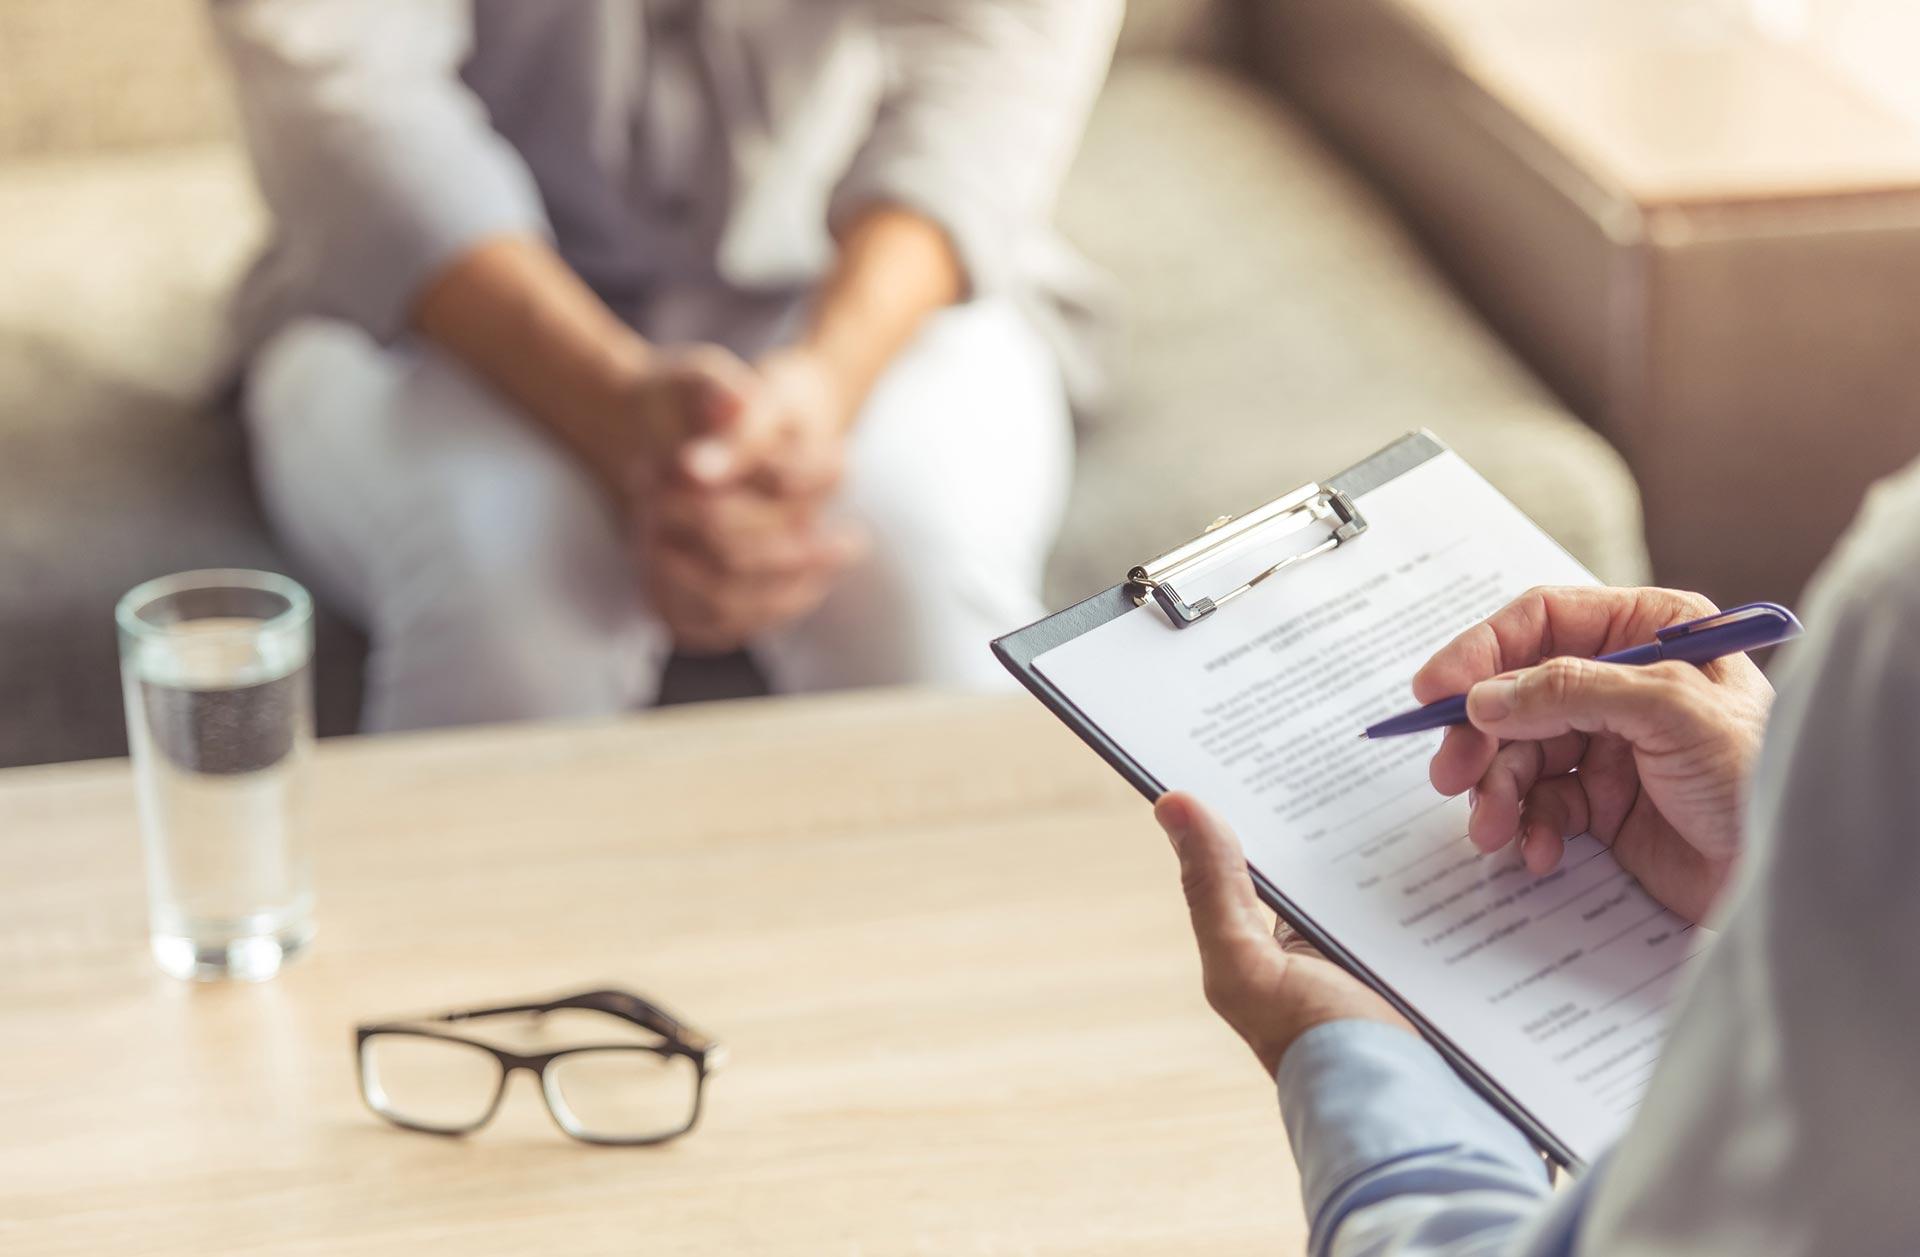 Πως να επιλέξω τον σωστό ψυχολόγο/ψυχοθεραπευτή;